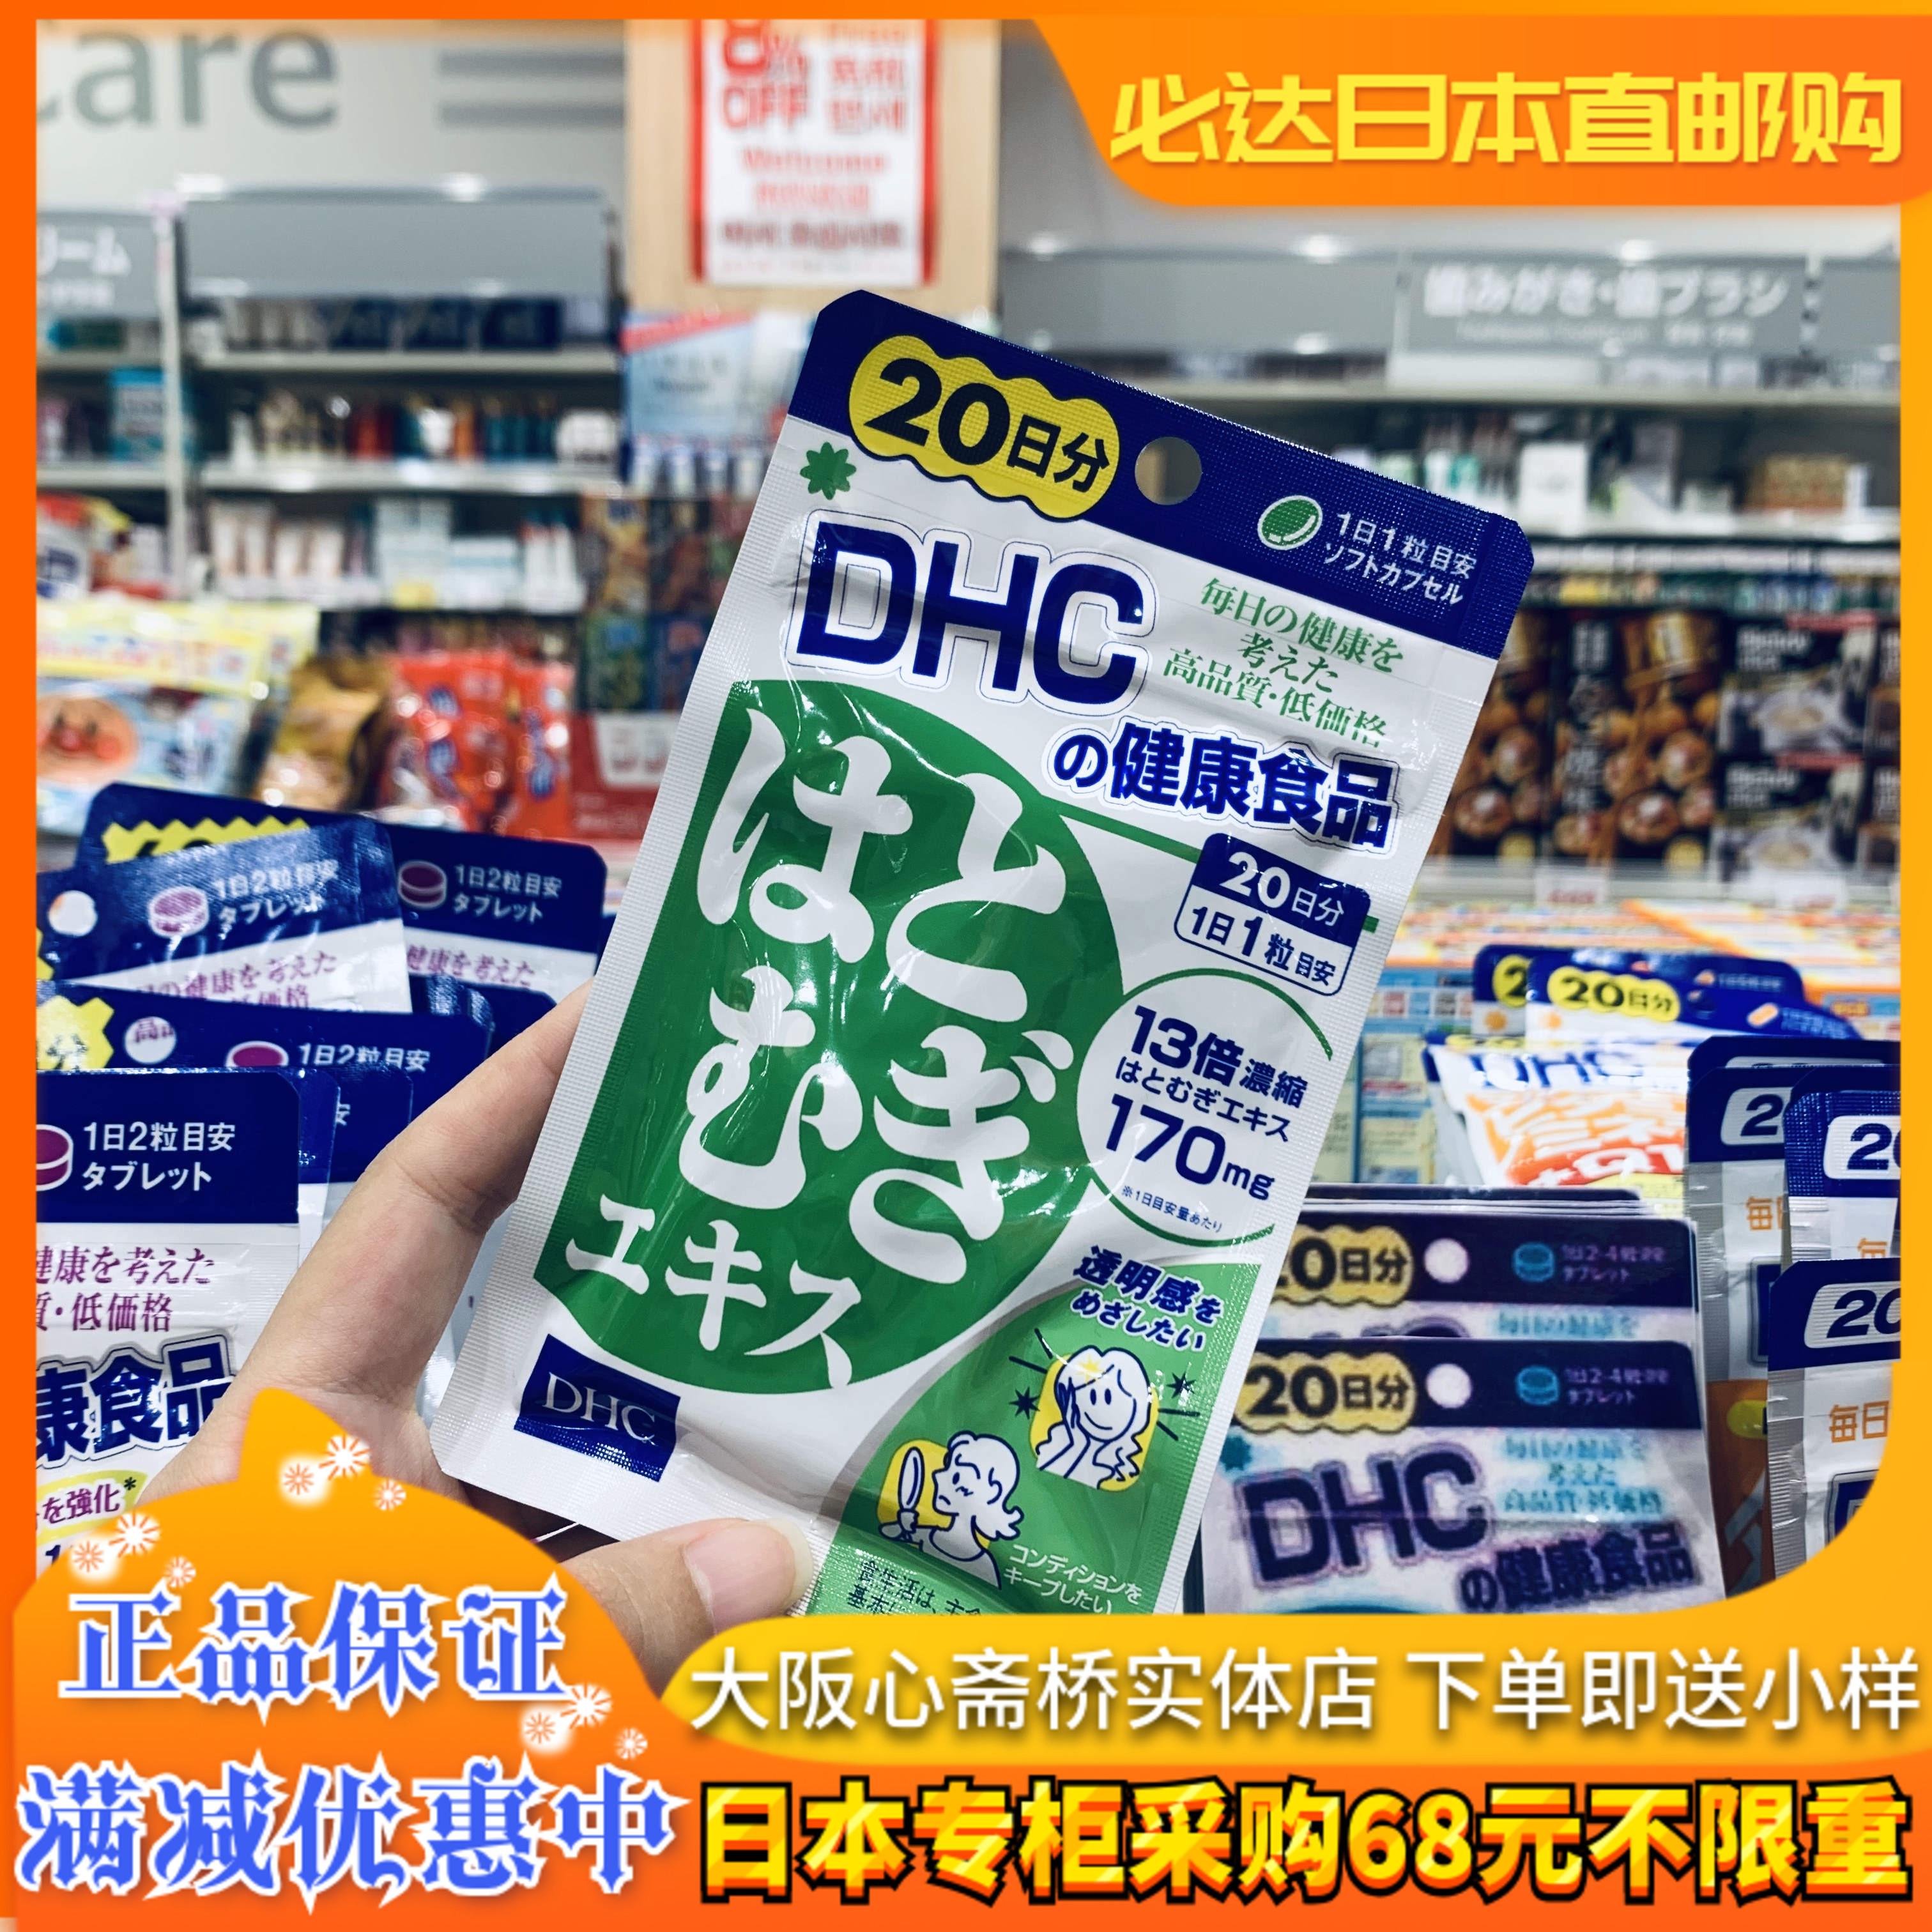 日本代购直邮 DHC薏仁薏米丸片 浓缩精华营养素 亮肤提色20天分